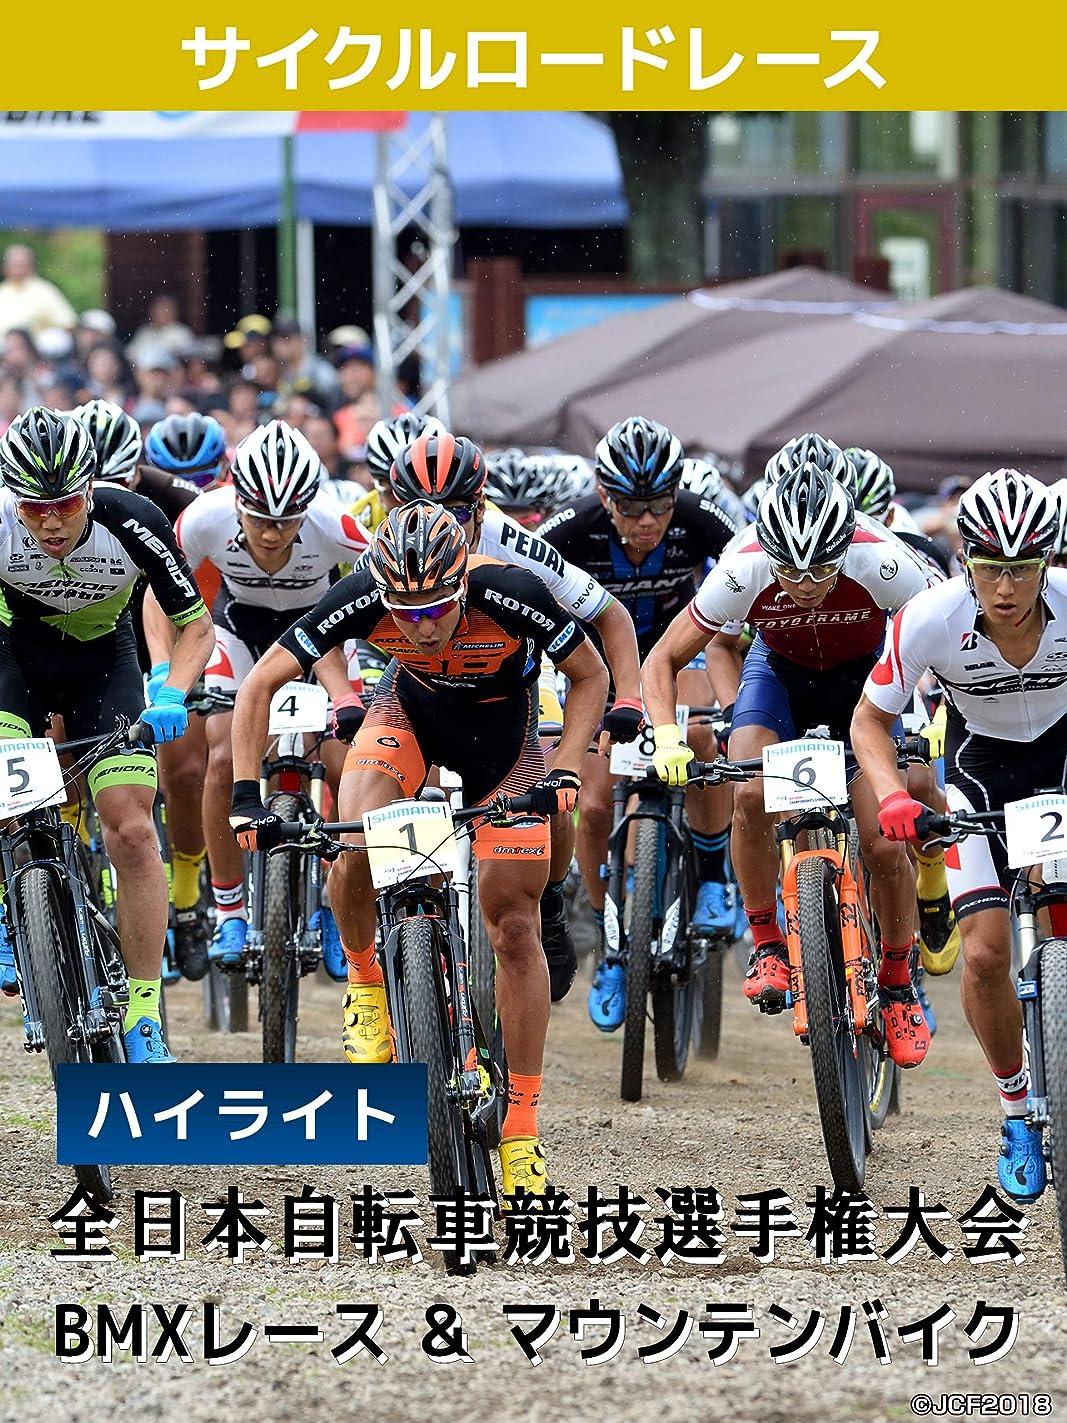 ガイドコミュニティ著者Cycle*2018 全日本自転車競技選手権大会 BMXレース & マウンテンバイク ハイライト